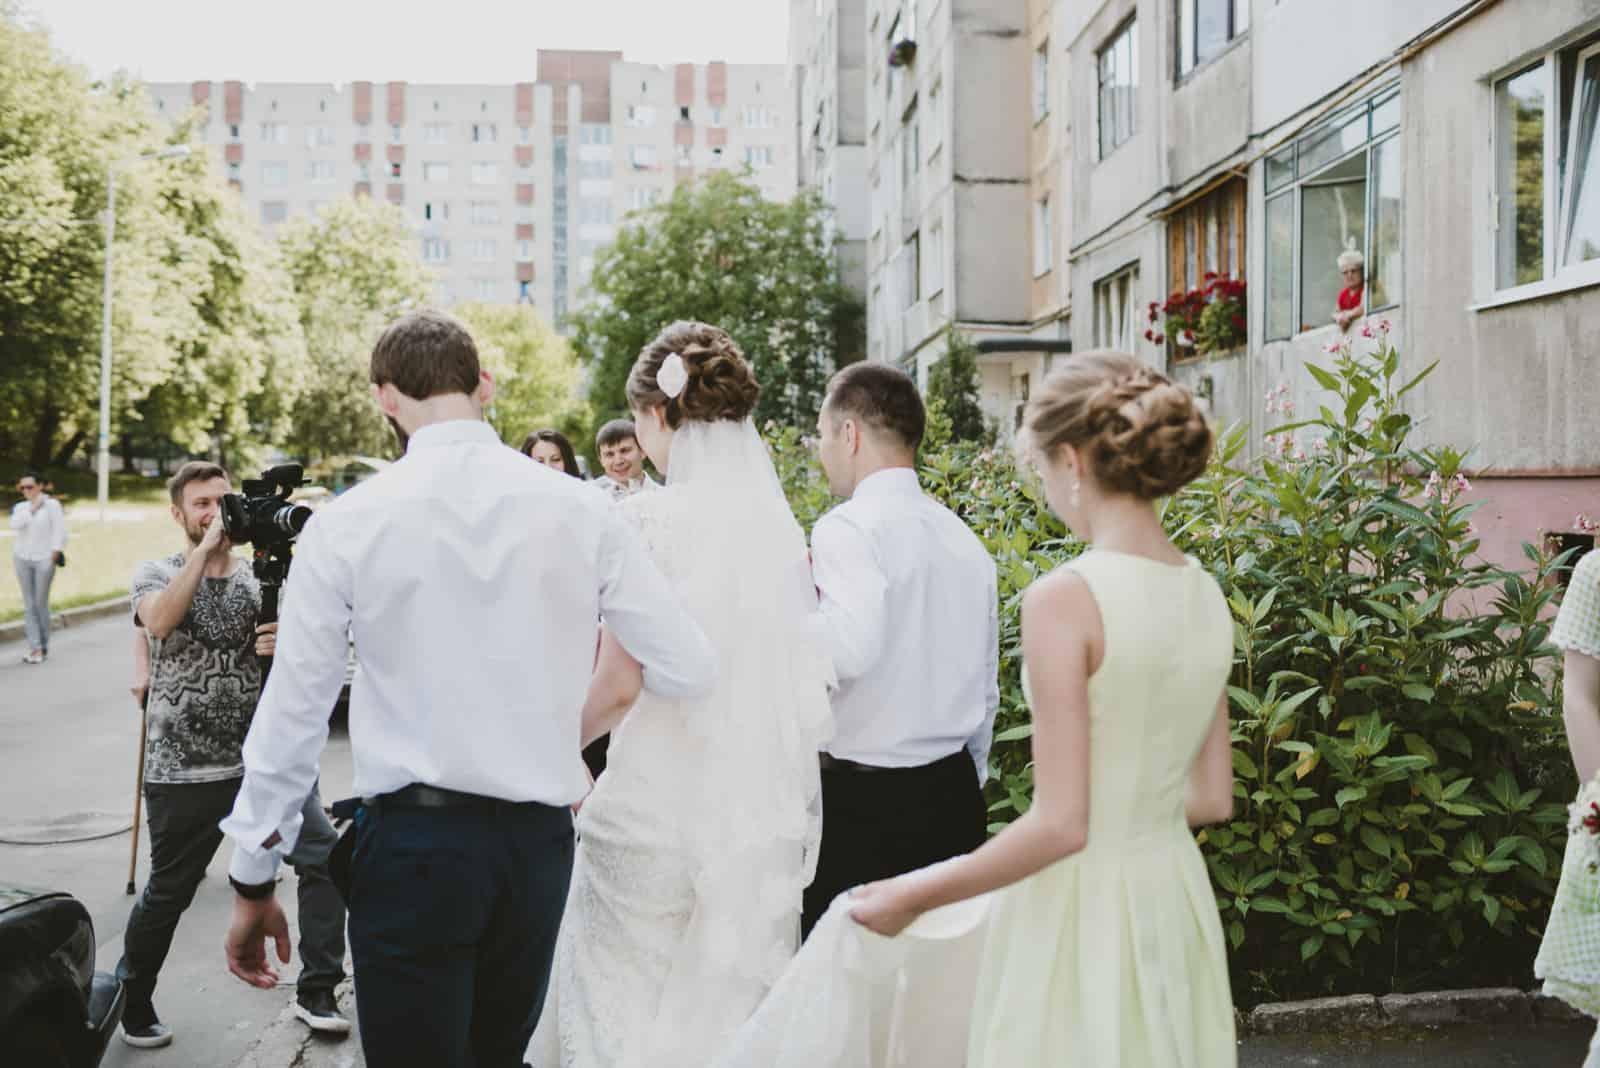 Die Braut mit den Trauzeugen geht zum Auto